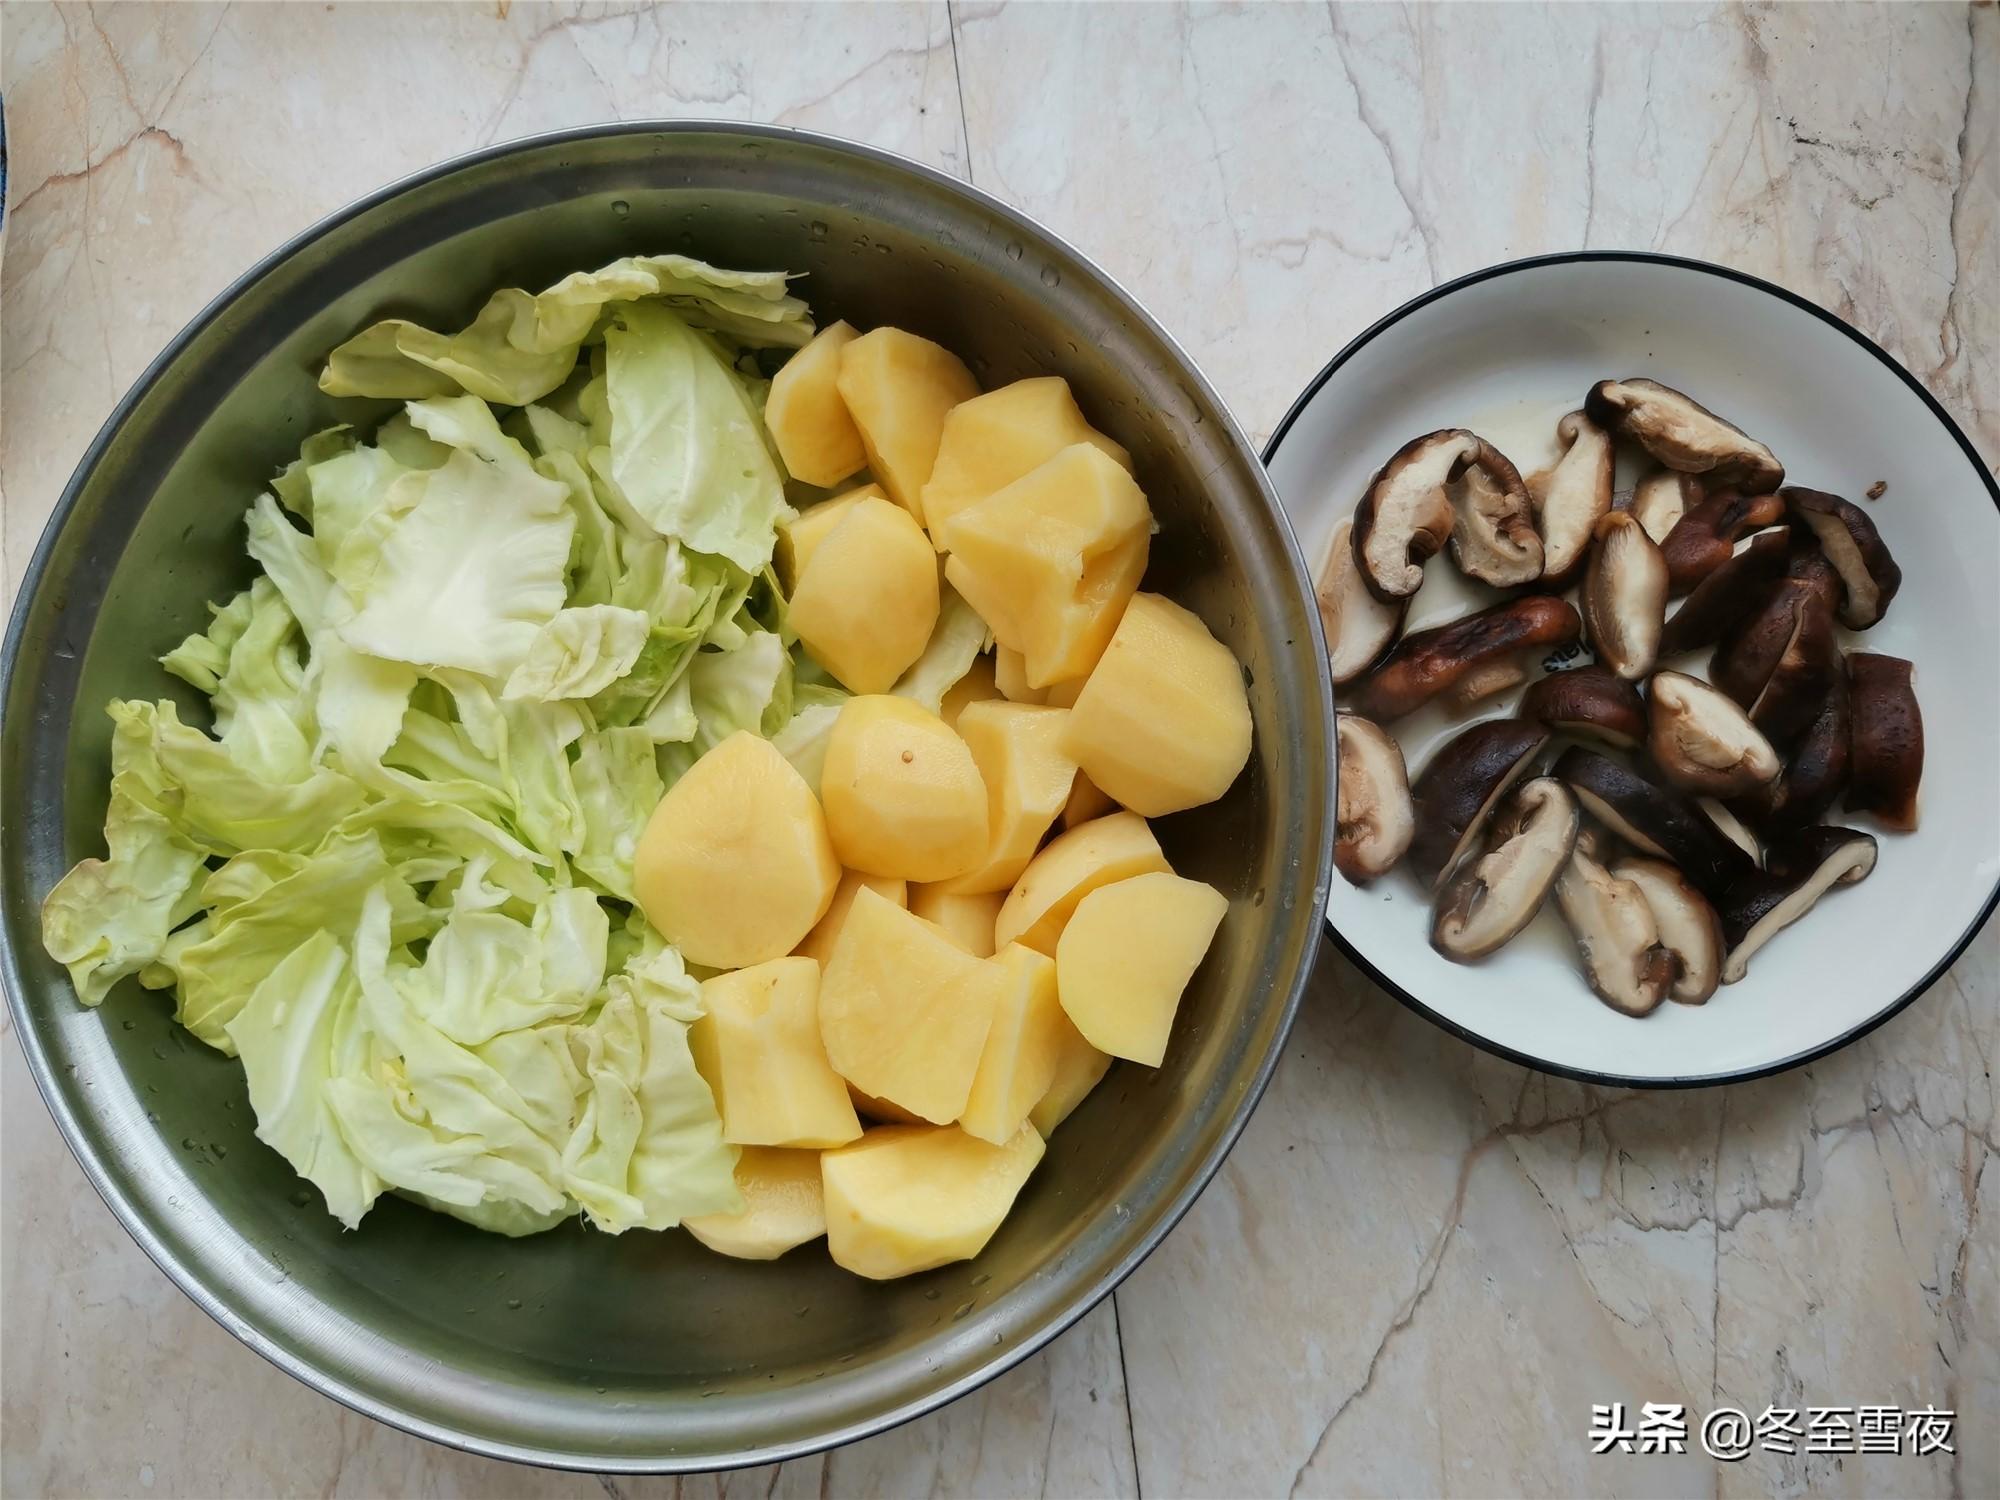 做道这个筋头巴脑锅,软烂入味,香气四溢,太解馋了 美食做法 第7张